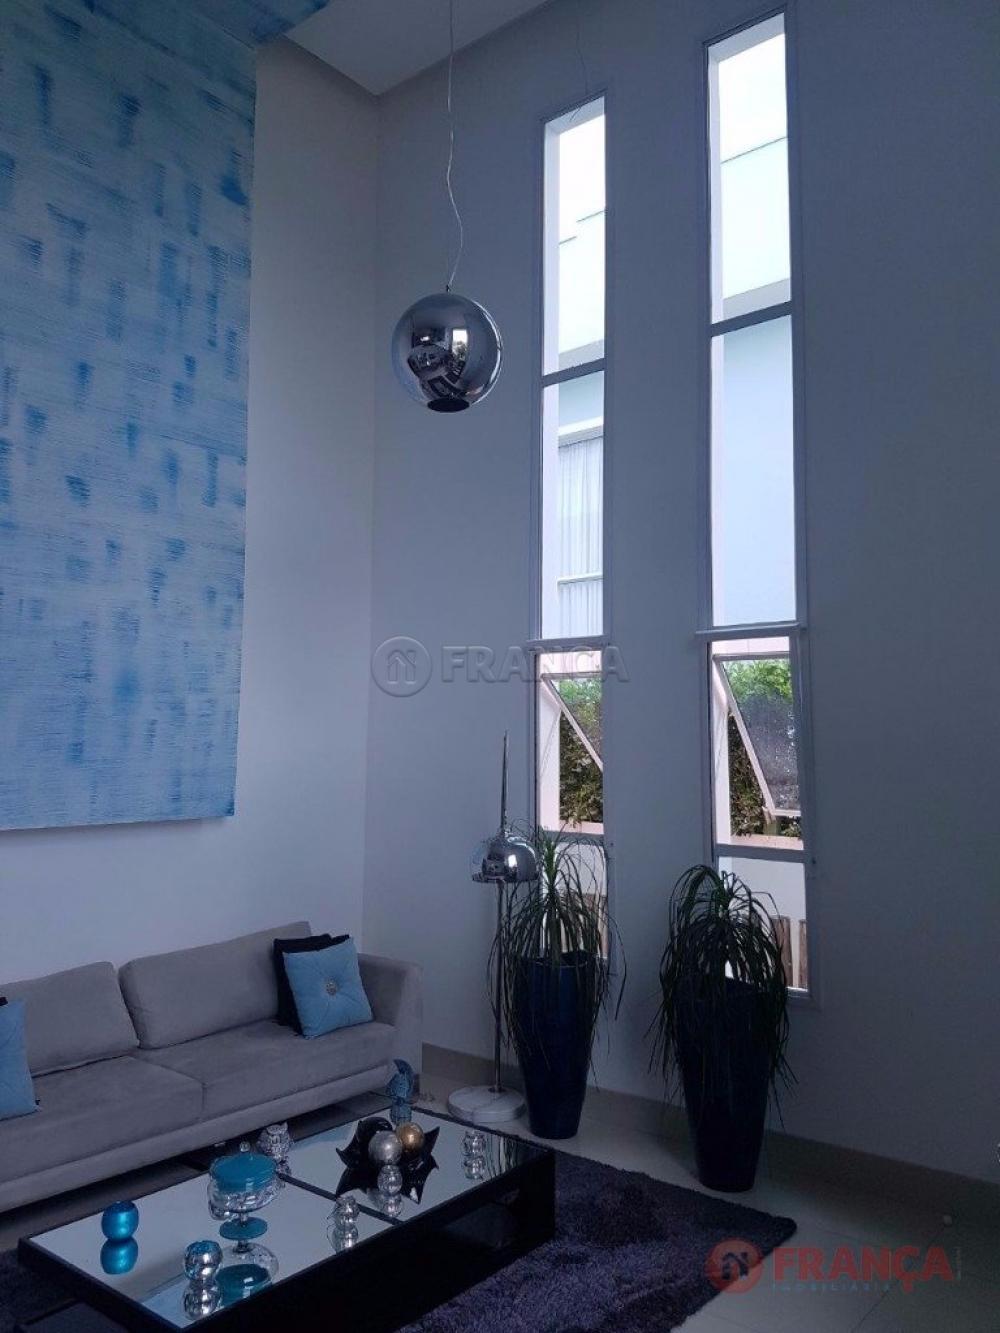 Comprar Casa / Condomínio em Jacareí apenas R$ 1.800.000,00 - Foto 12